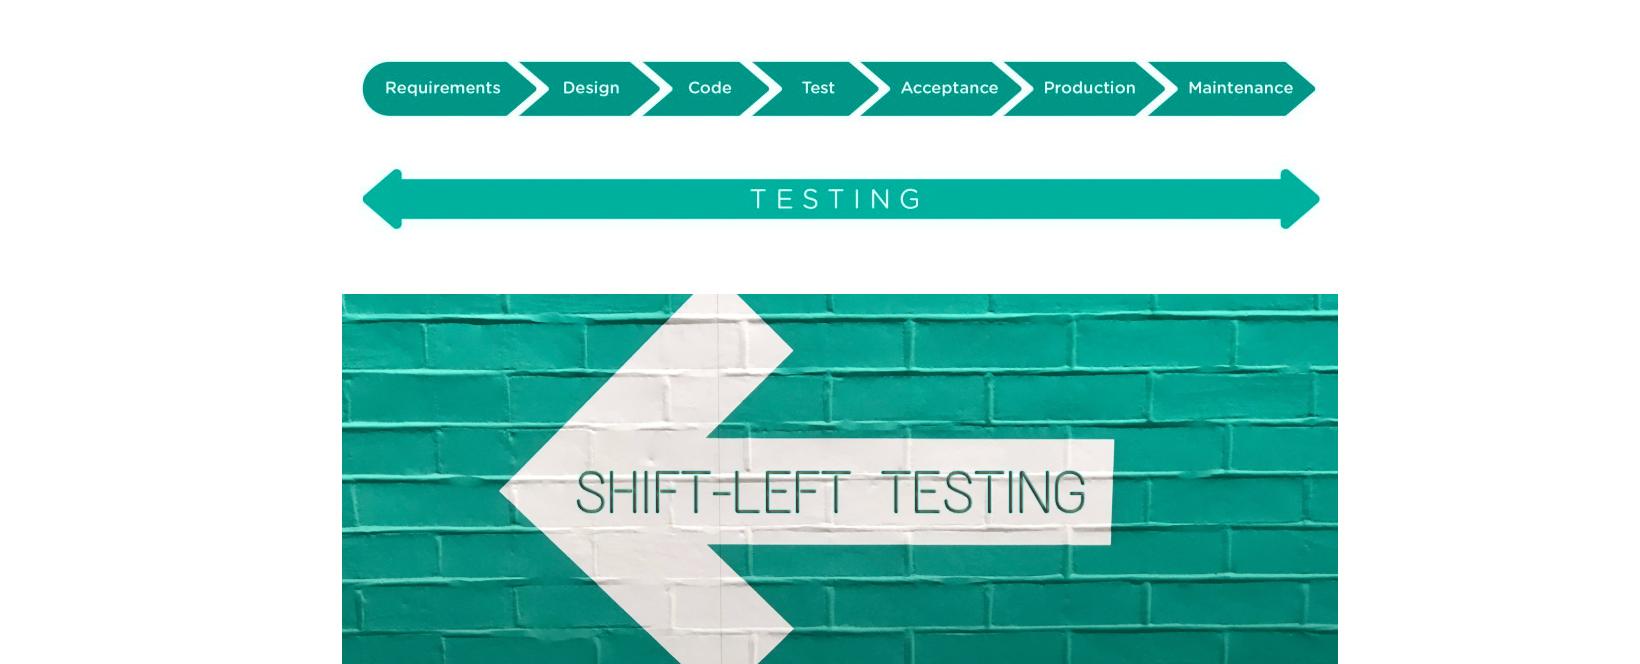 Shift-left testing